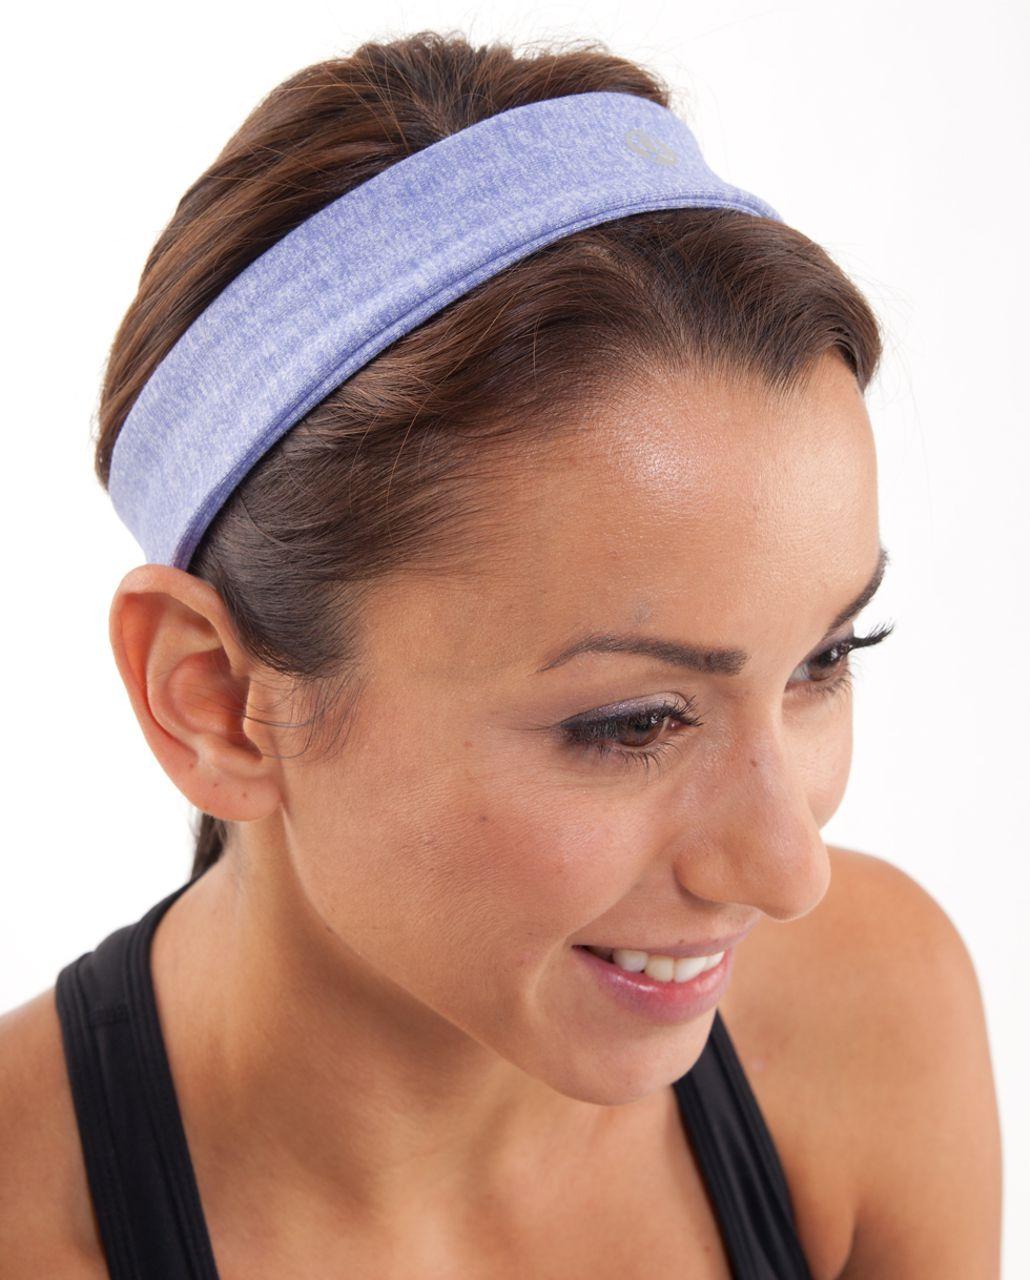 Lululemon Slipless Headband - Heathered Persian Purple